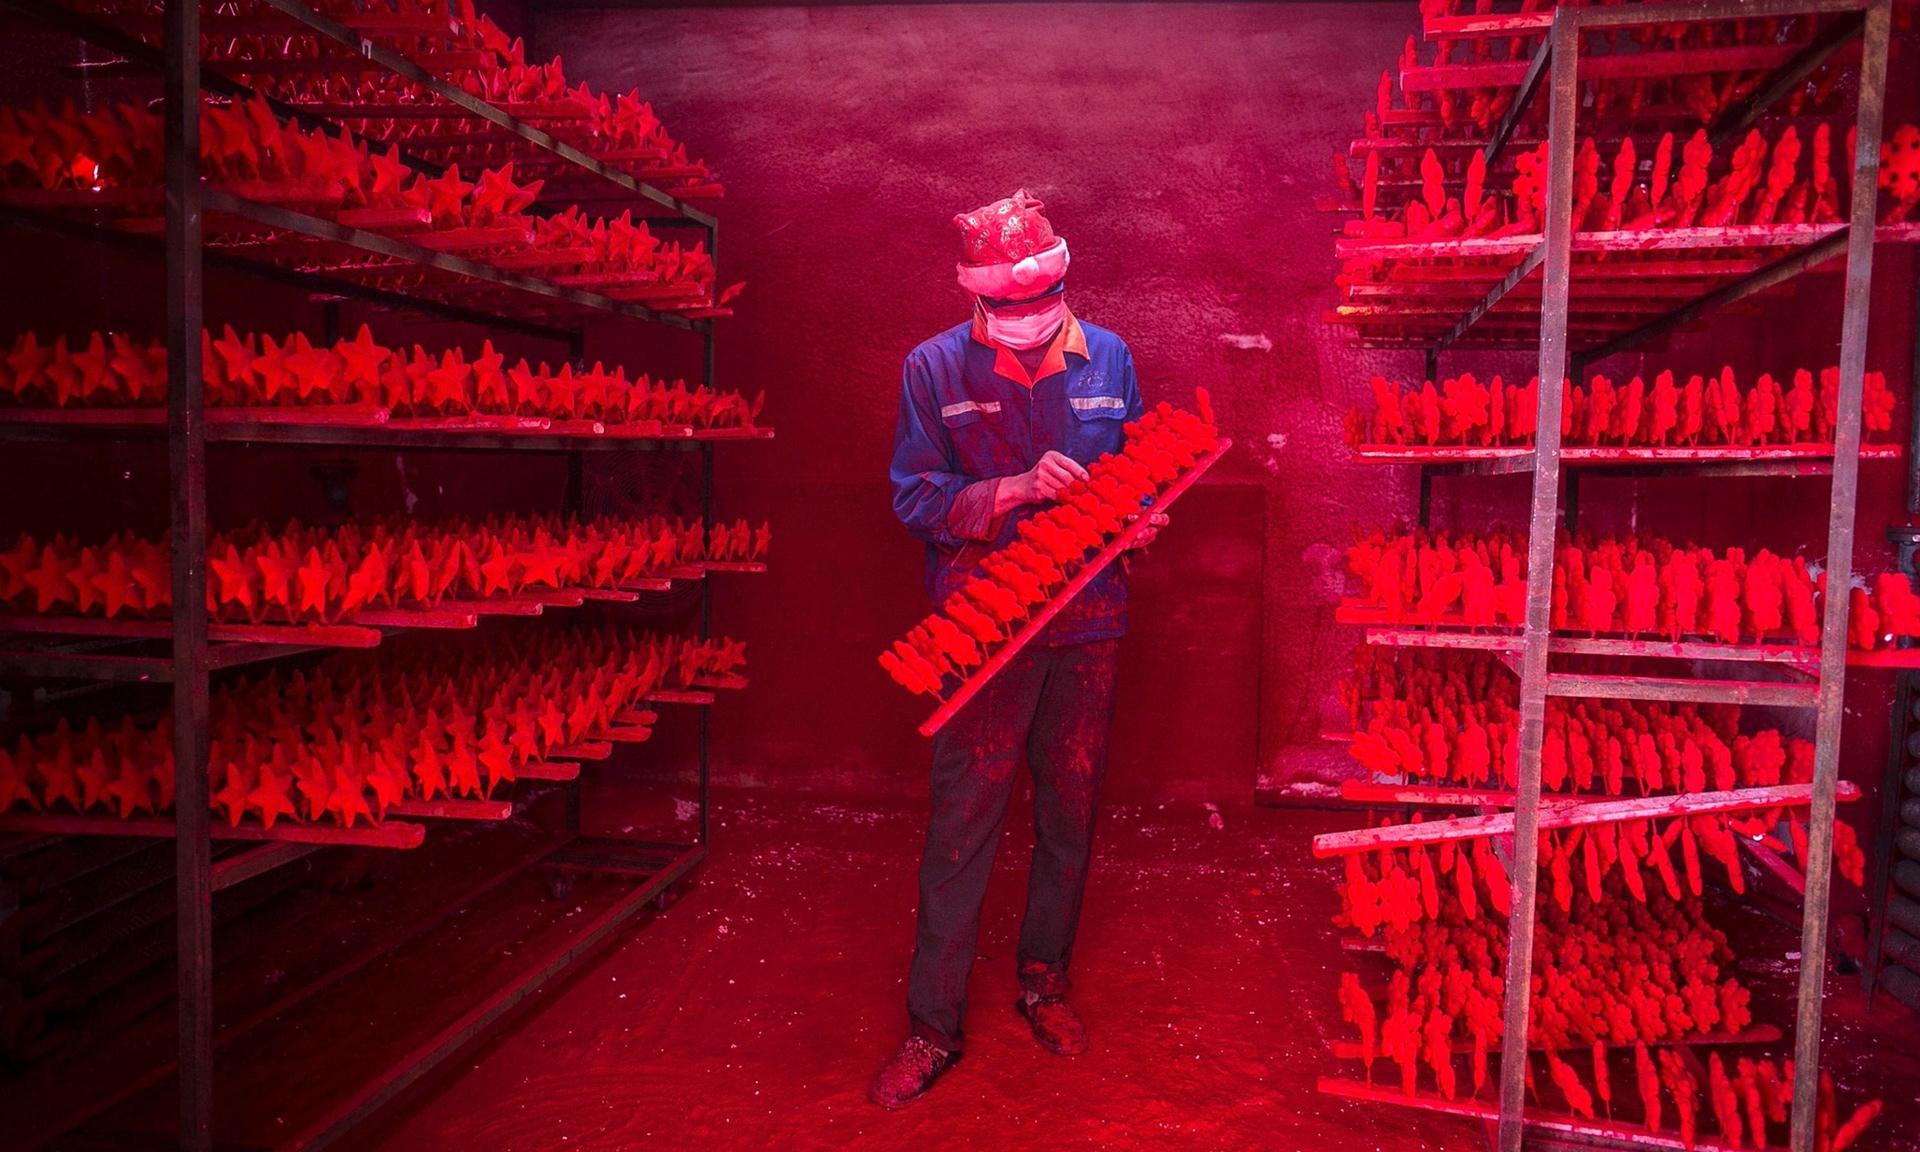 Работникам заводов Иу приходится изготавливать по 5000 снежинок ежедневно! Источник фото: theguardian.com